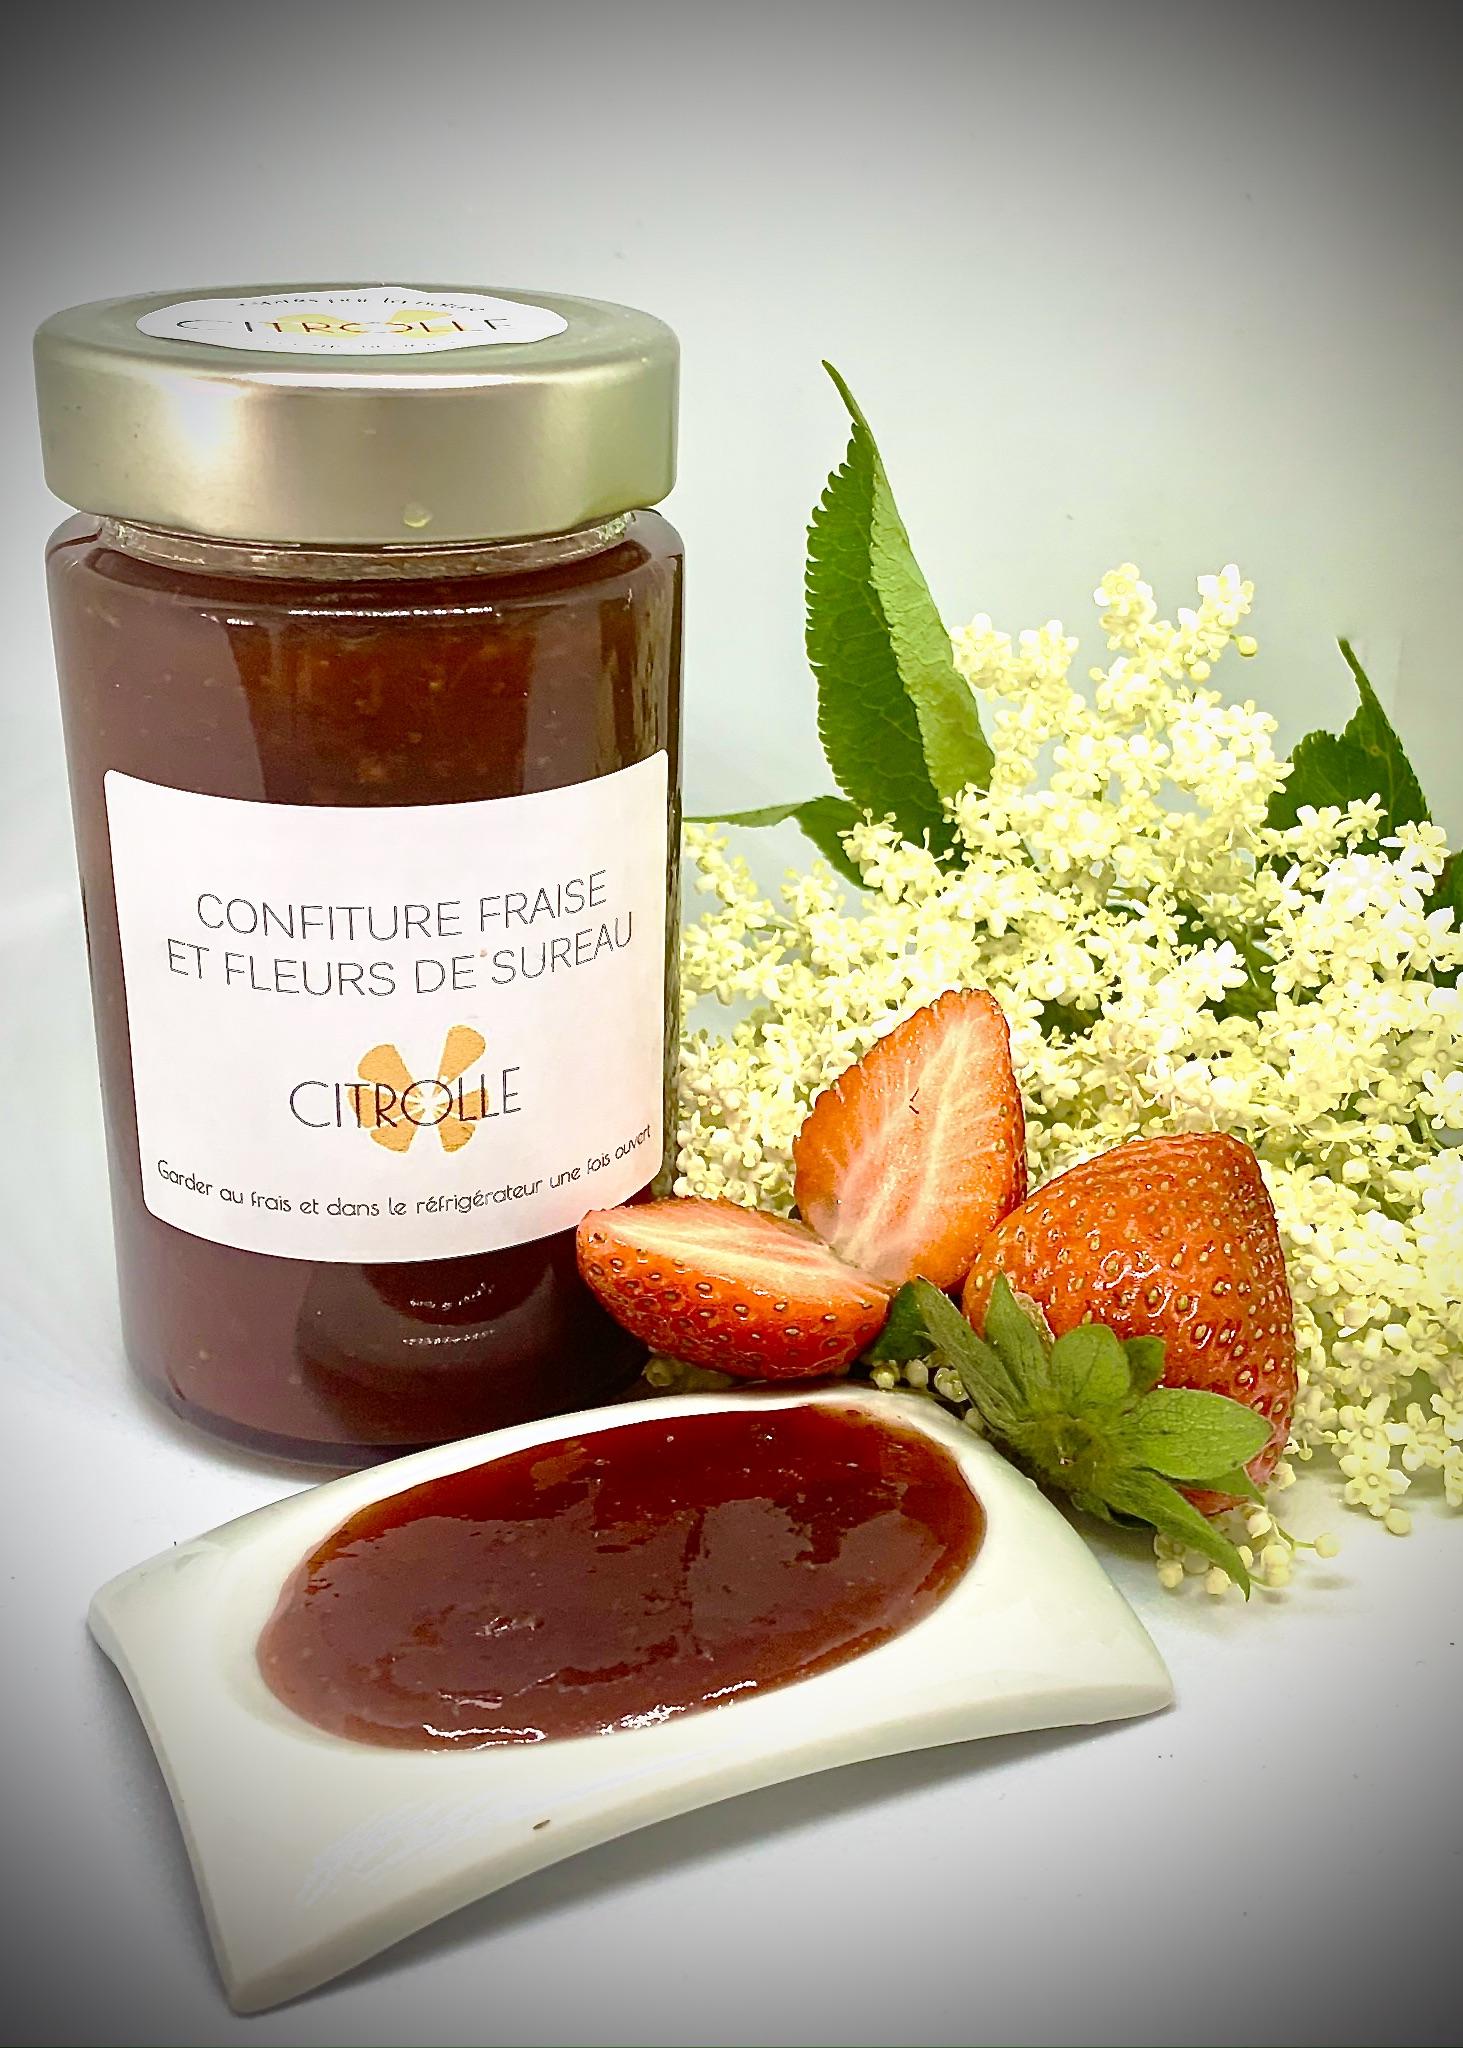 Confiture fraise er fleurs de sureau